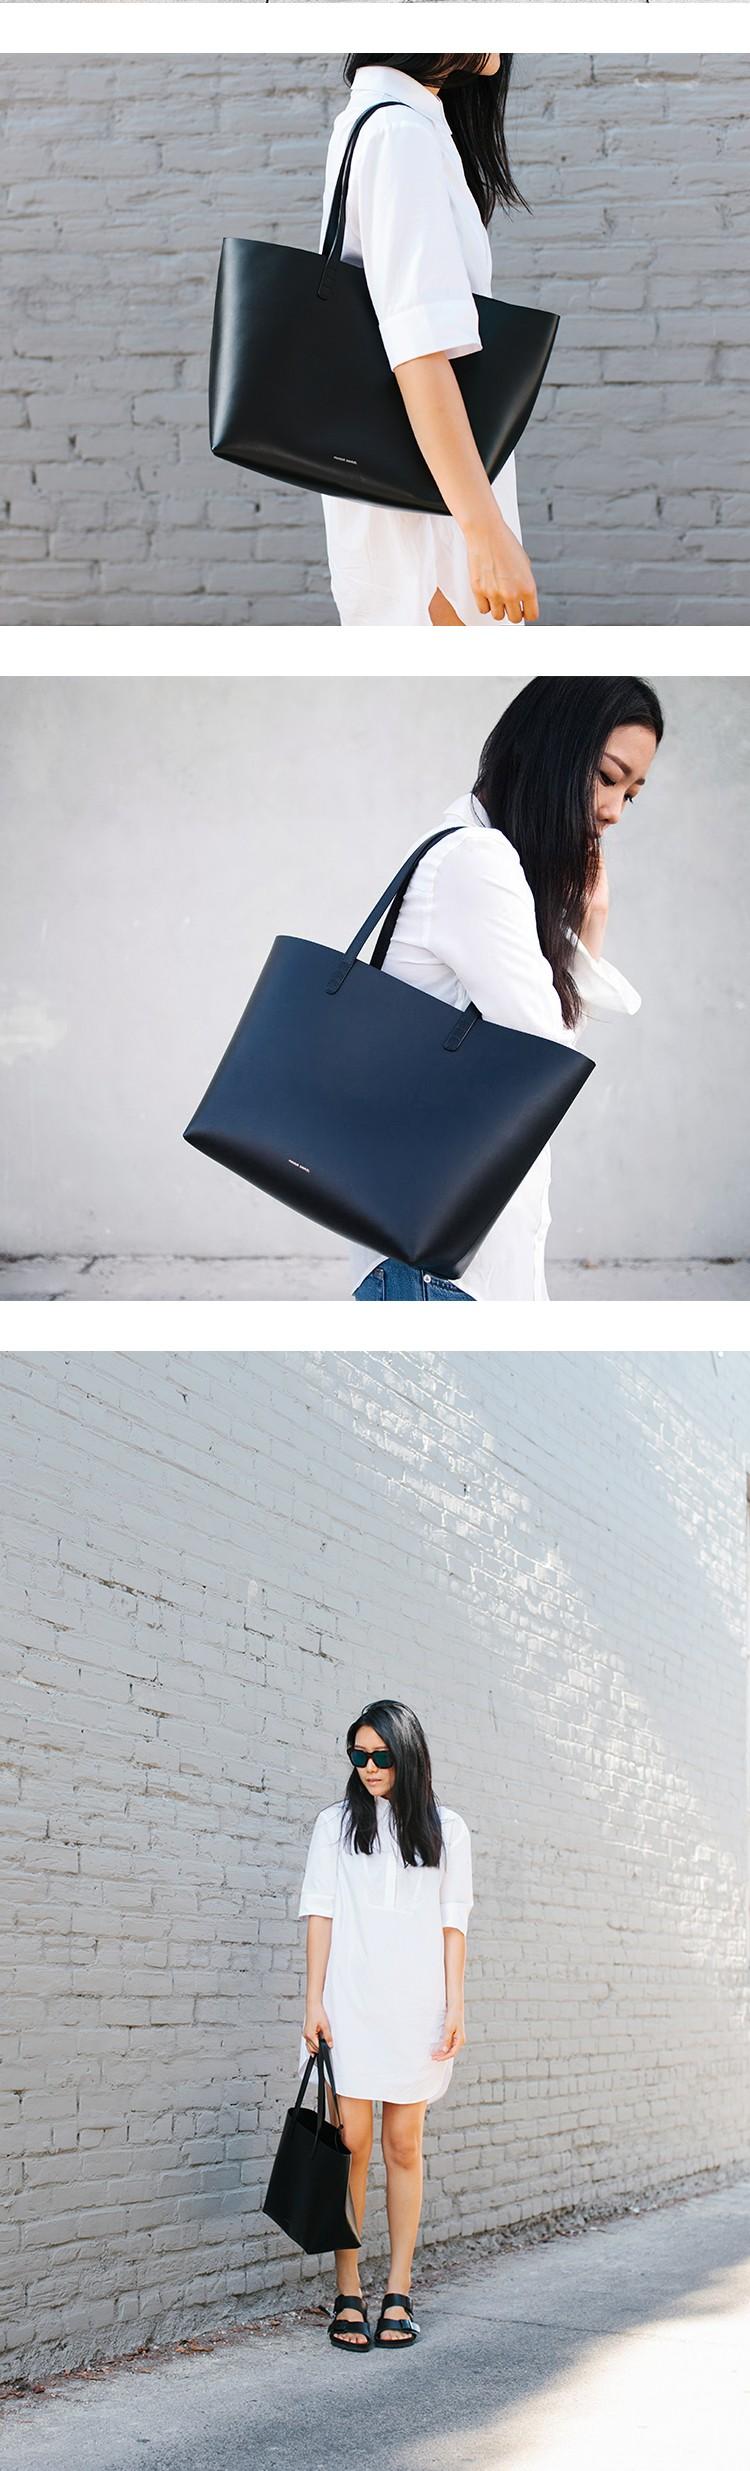 backpacks30 (19)